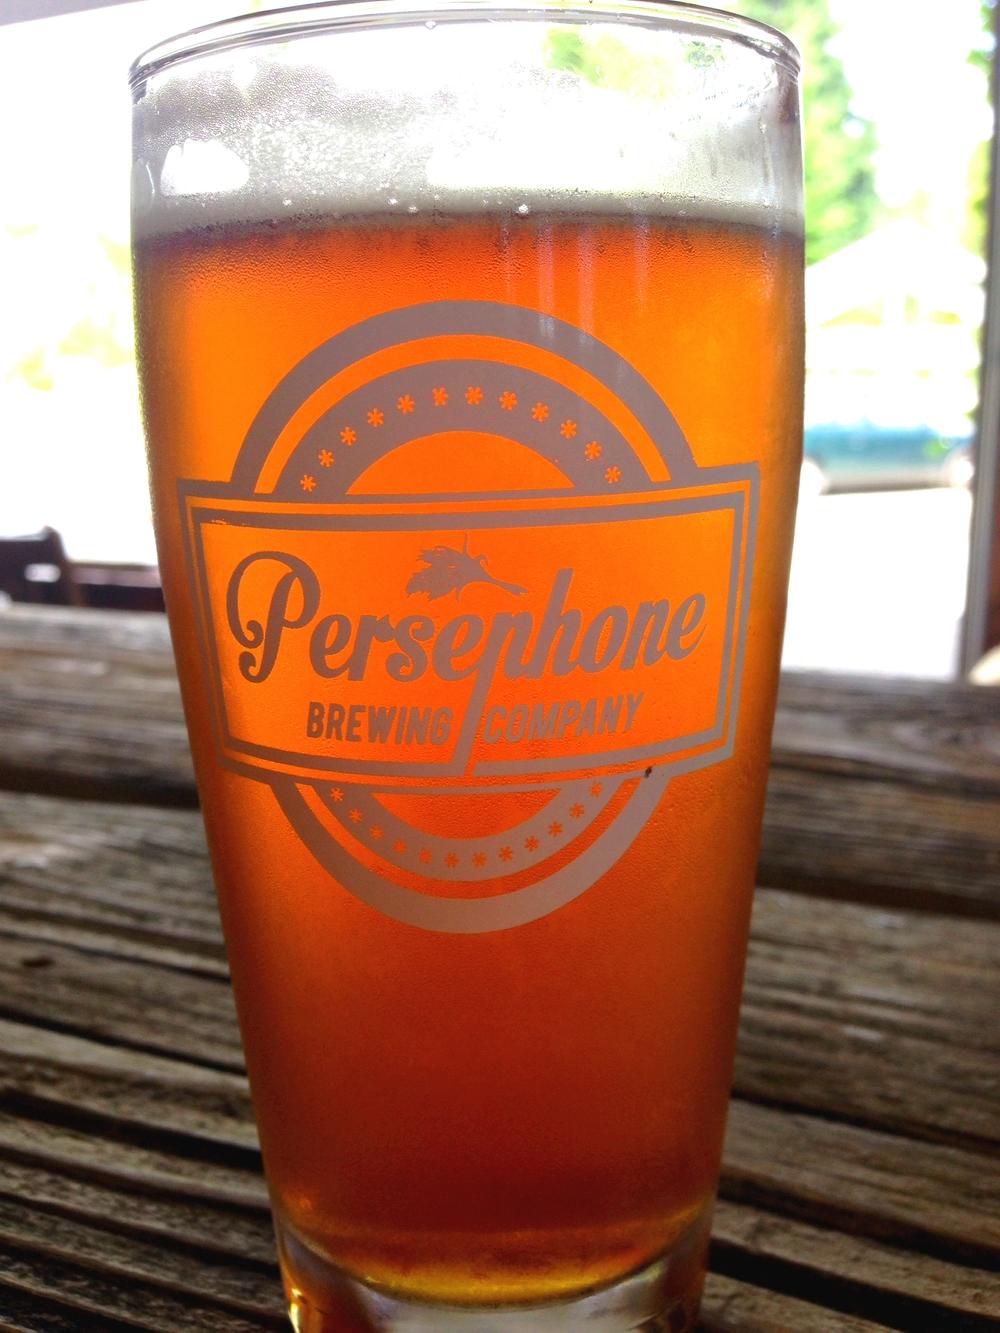 Persephone beer.jpg